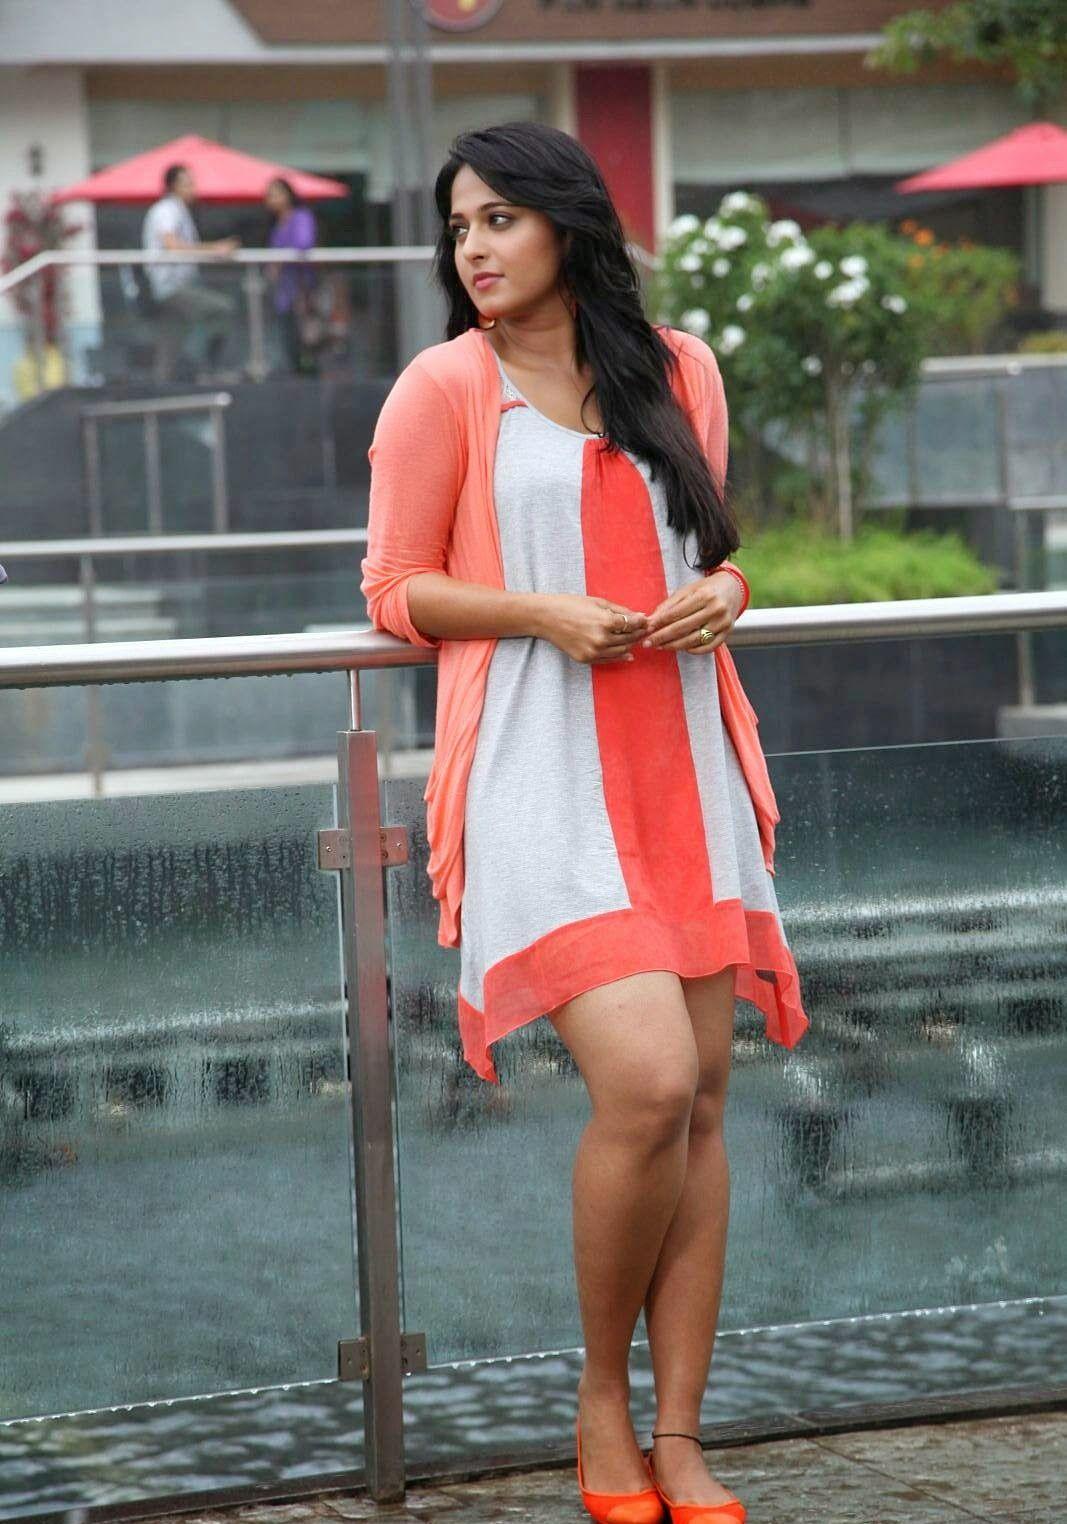 Anushka shetty anushka shetty hot stills pictures beautiful pictures - Anushka Shetty Photos In Red Dress Anushka Shetty